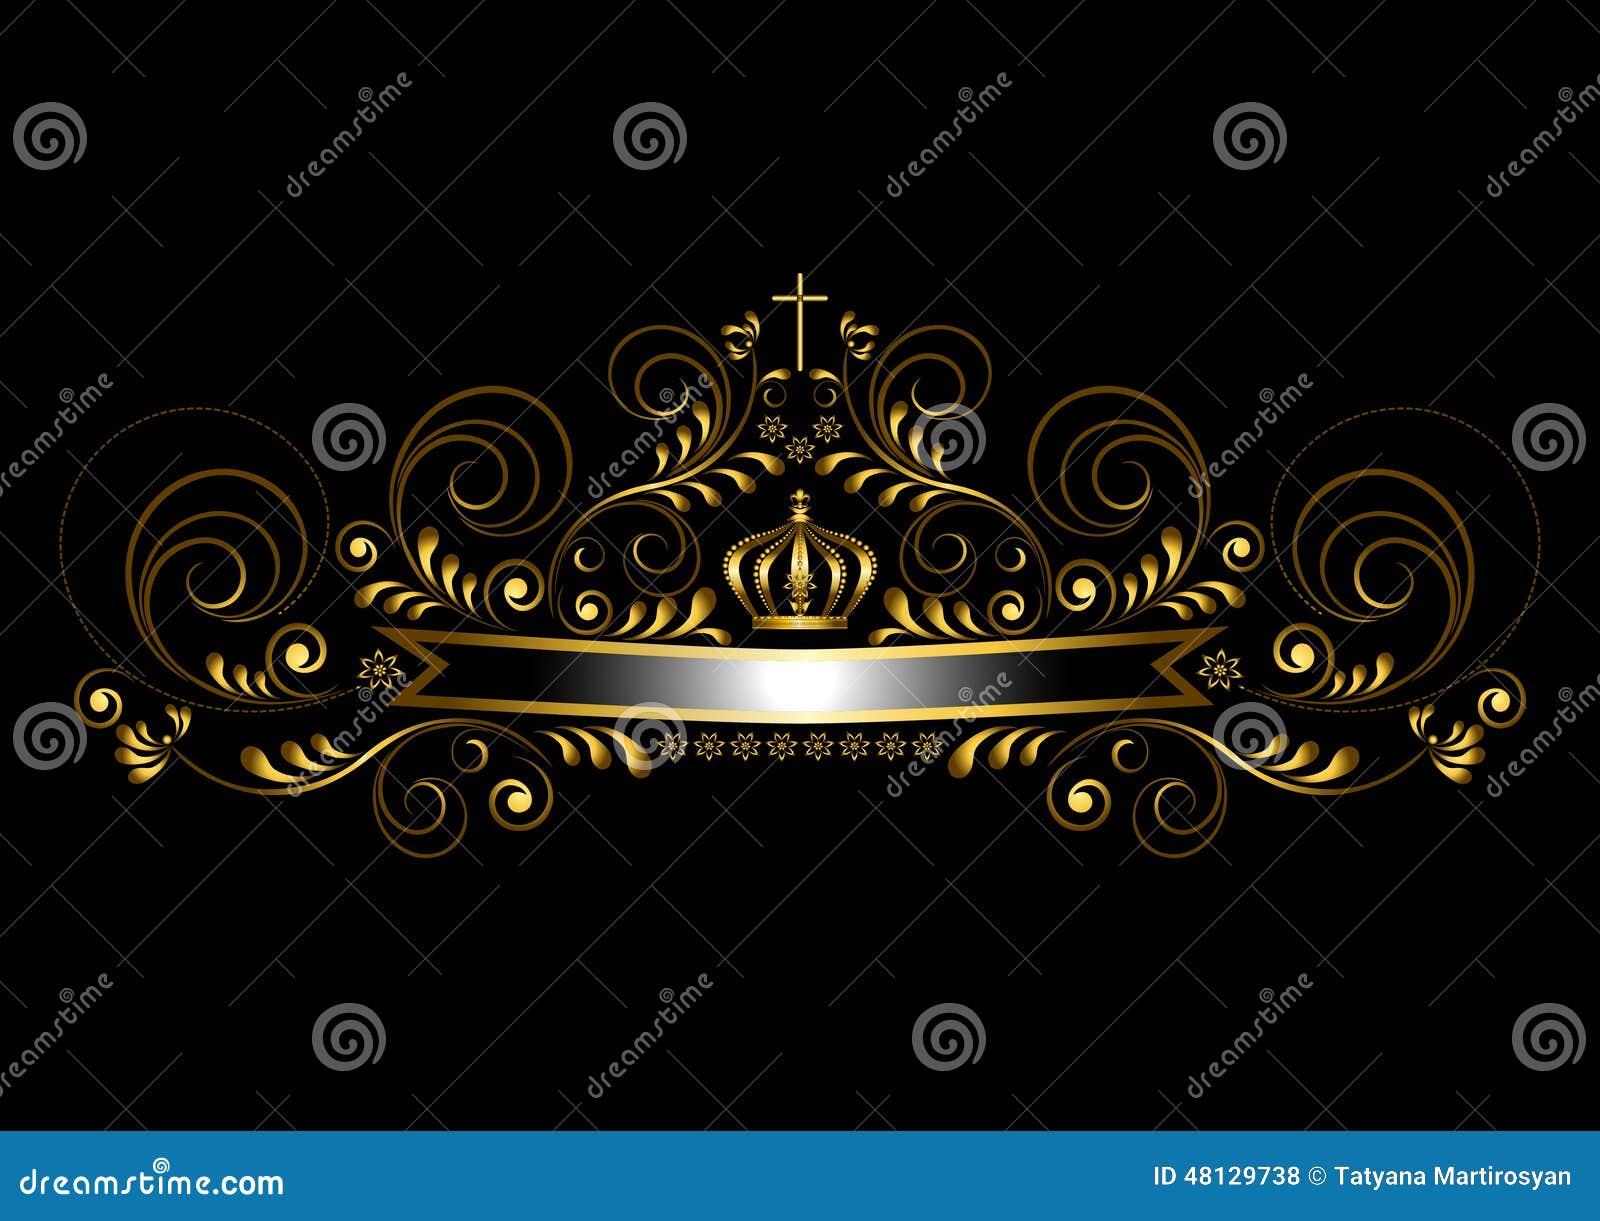 Goldband Mit Einer Krone Und Ein Kreuz Auf Einem Schwarzen ...